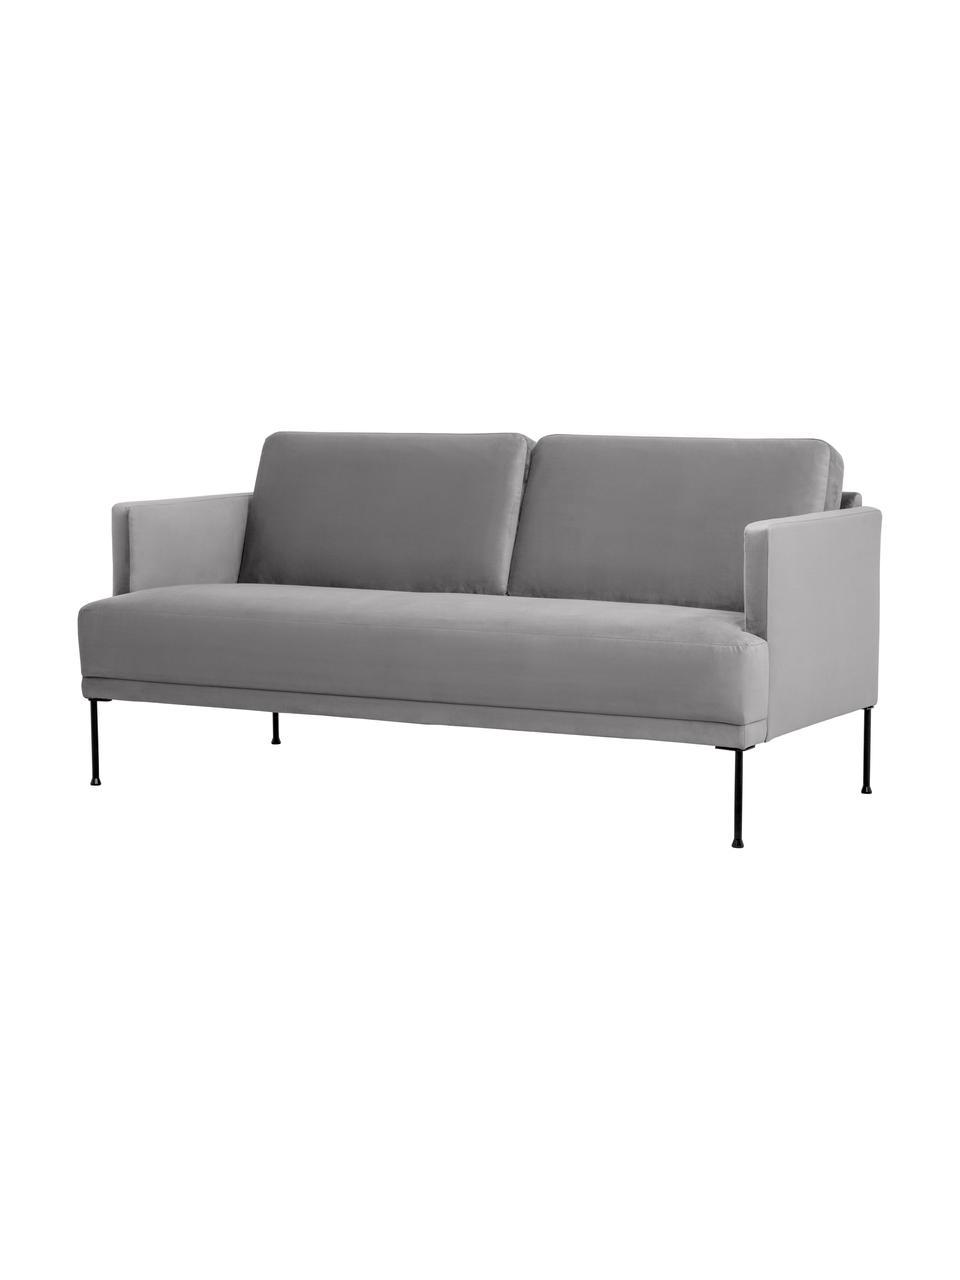 Canapé 2places velours gris clair pieds en métal Fluente, Velours gris clair